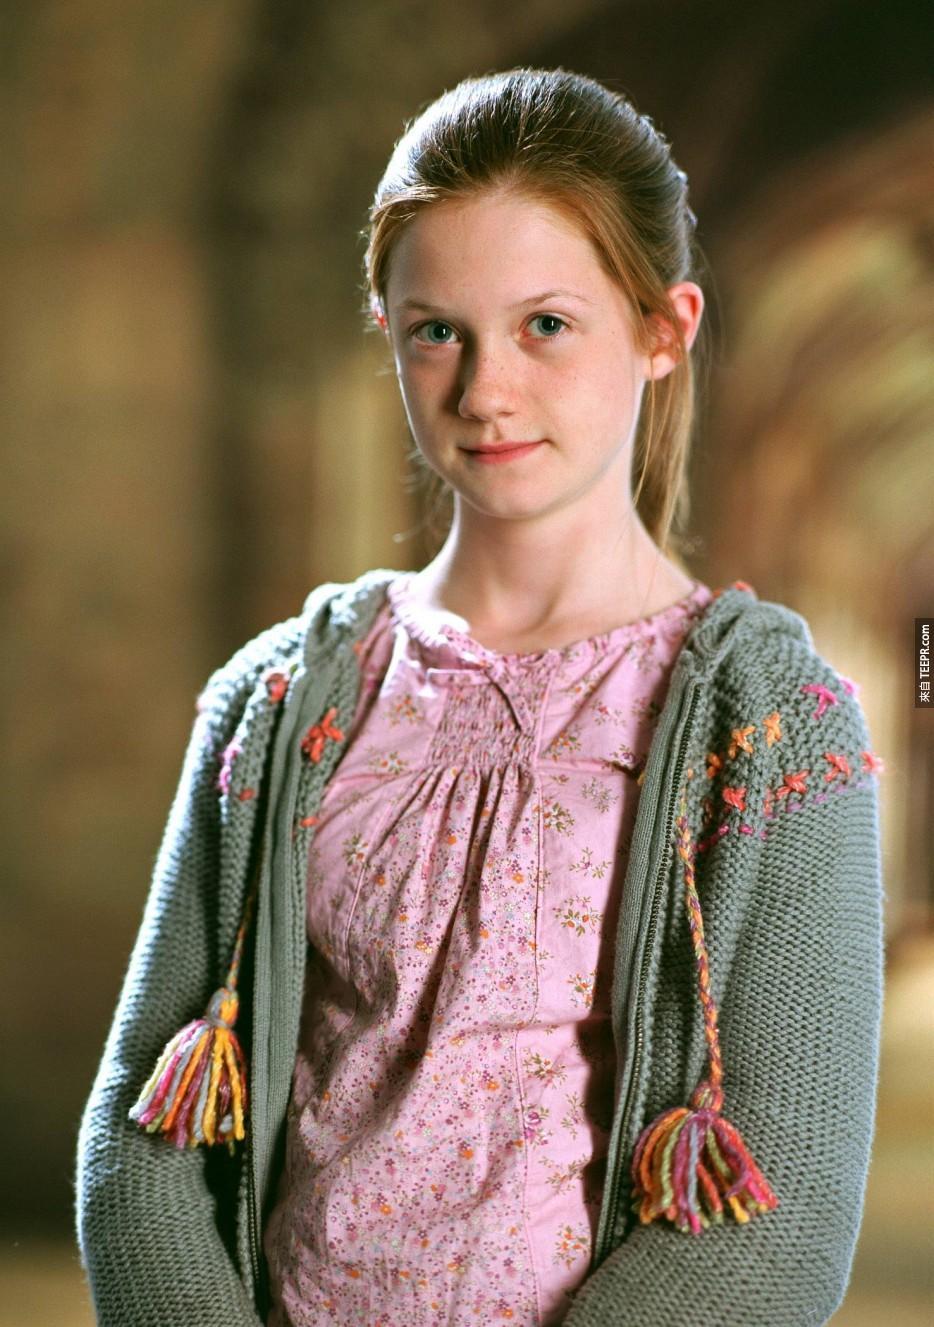 邦妮·萊特(Bonnie Wright):演過《哈利波特》(Harry Potter)。